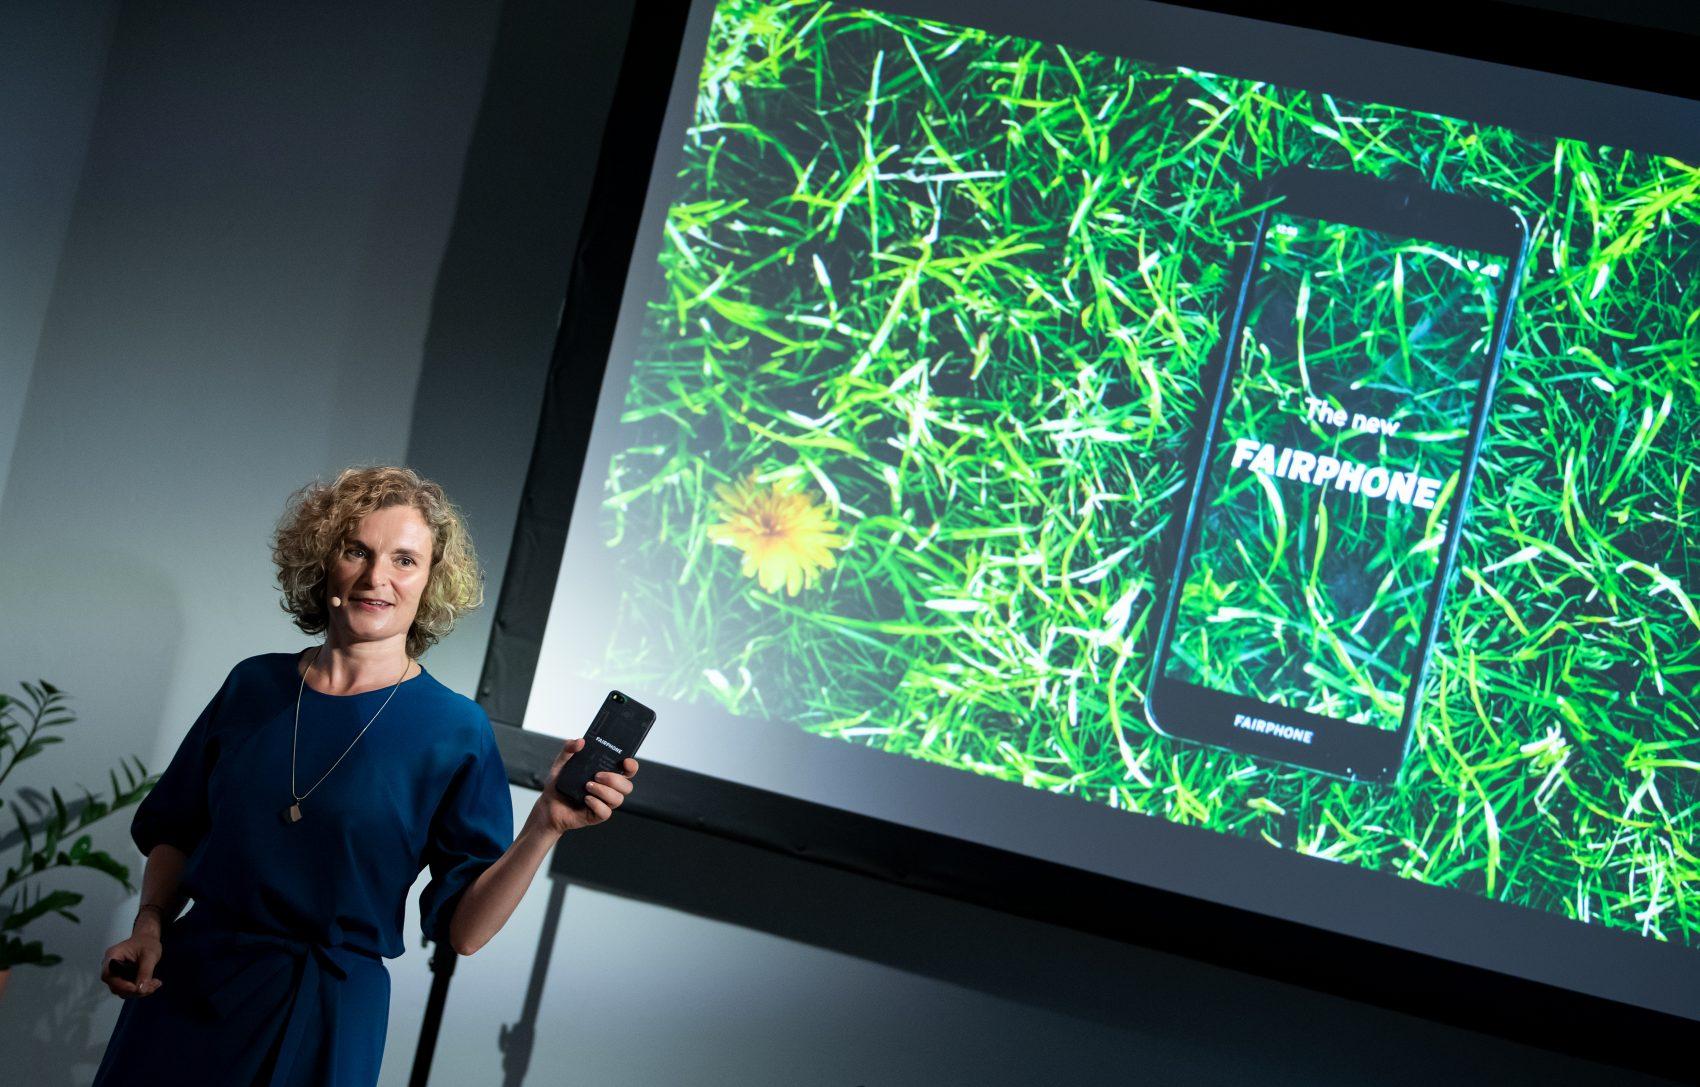 Lançamento em Berlin do Fairphone 3: Eva Gouwens, CEO da empresa holandesa explica que novo celular conta com cinco materiais que têm origem em processos sustentáveis (Foto: Bernd von Jutrczenka/DPA)